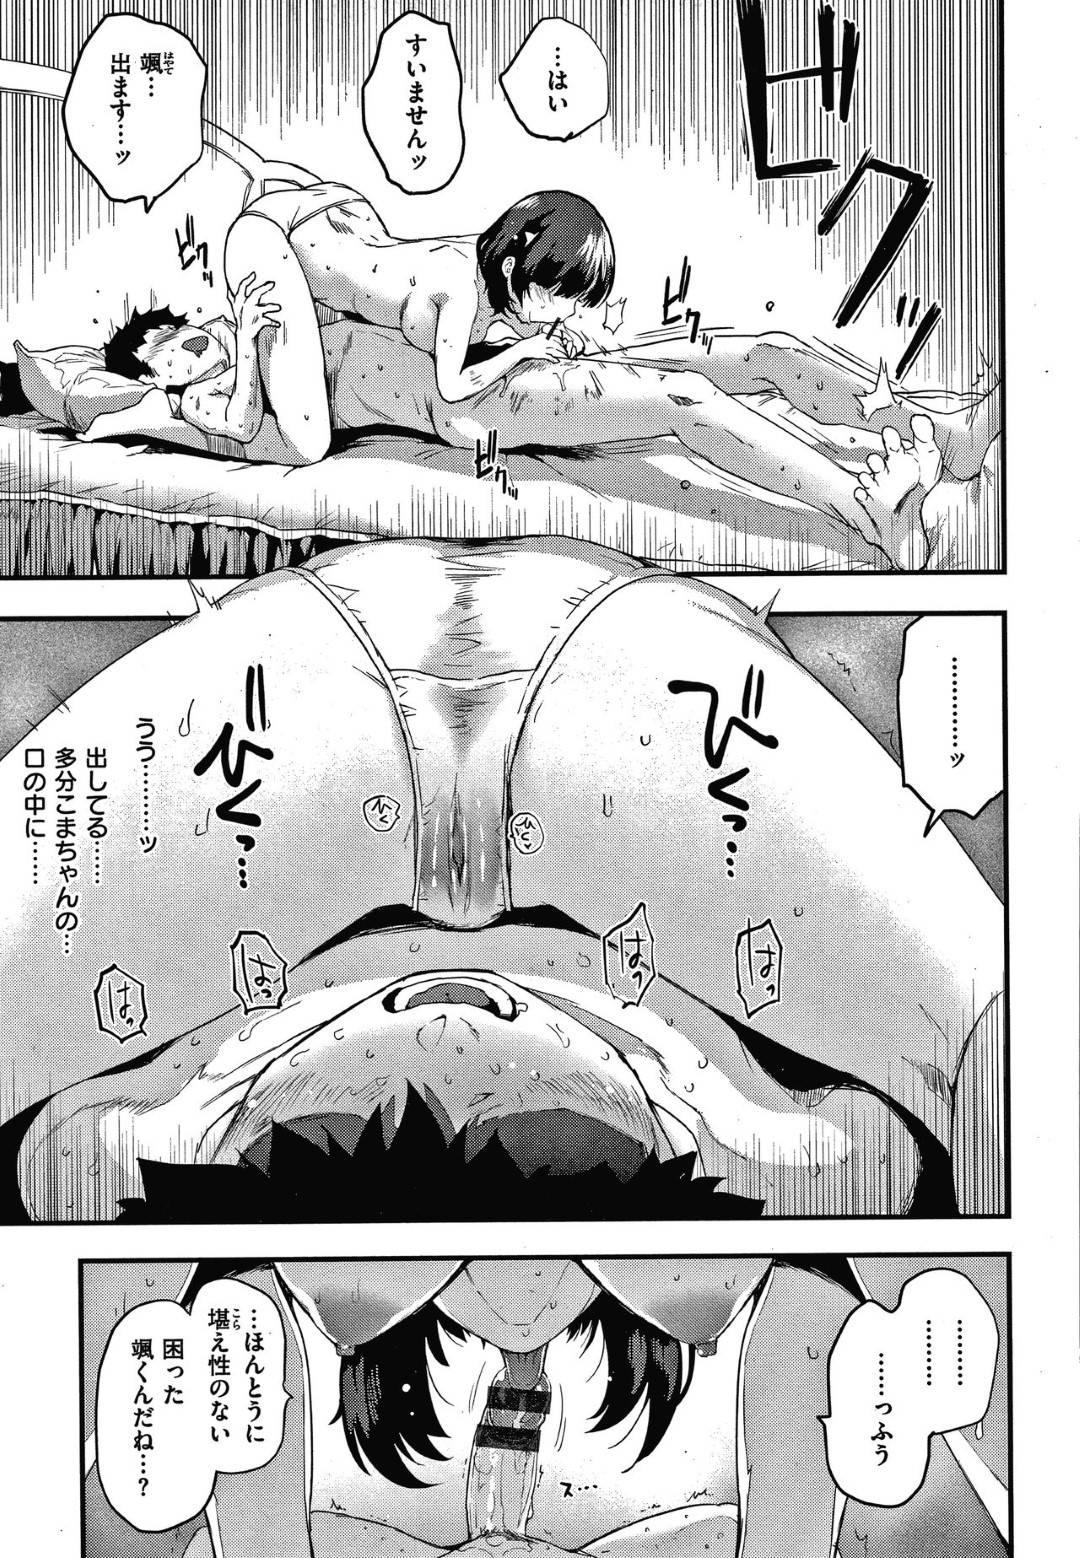 【エロ漫画】彼氏の早漏を直すためにJK彼女は色々試してみるがSスイッチが入ってしまい悪戯っぽく射精までのカウントダウン!0になるまで我慢したい彼氏とちょいS彼女の中出しセックス!【もず】